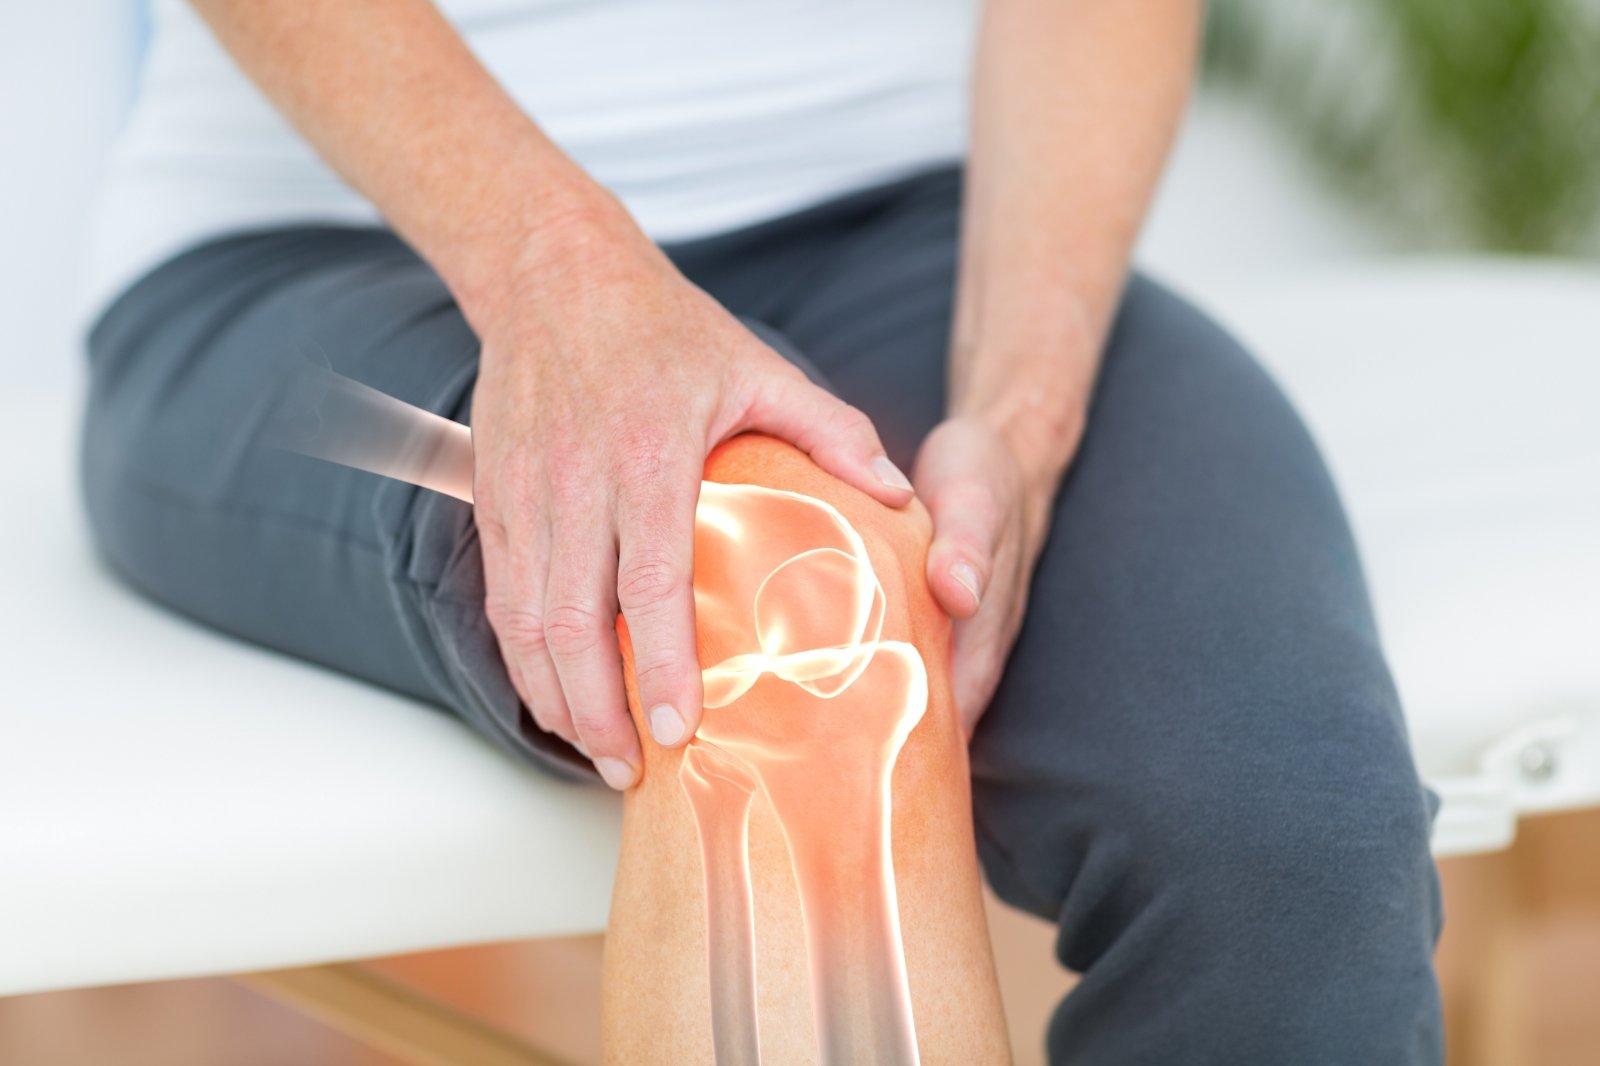 kaulų ir sąnarių ligos gydymas gydymo badyaga iš sąnarių skausmas